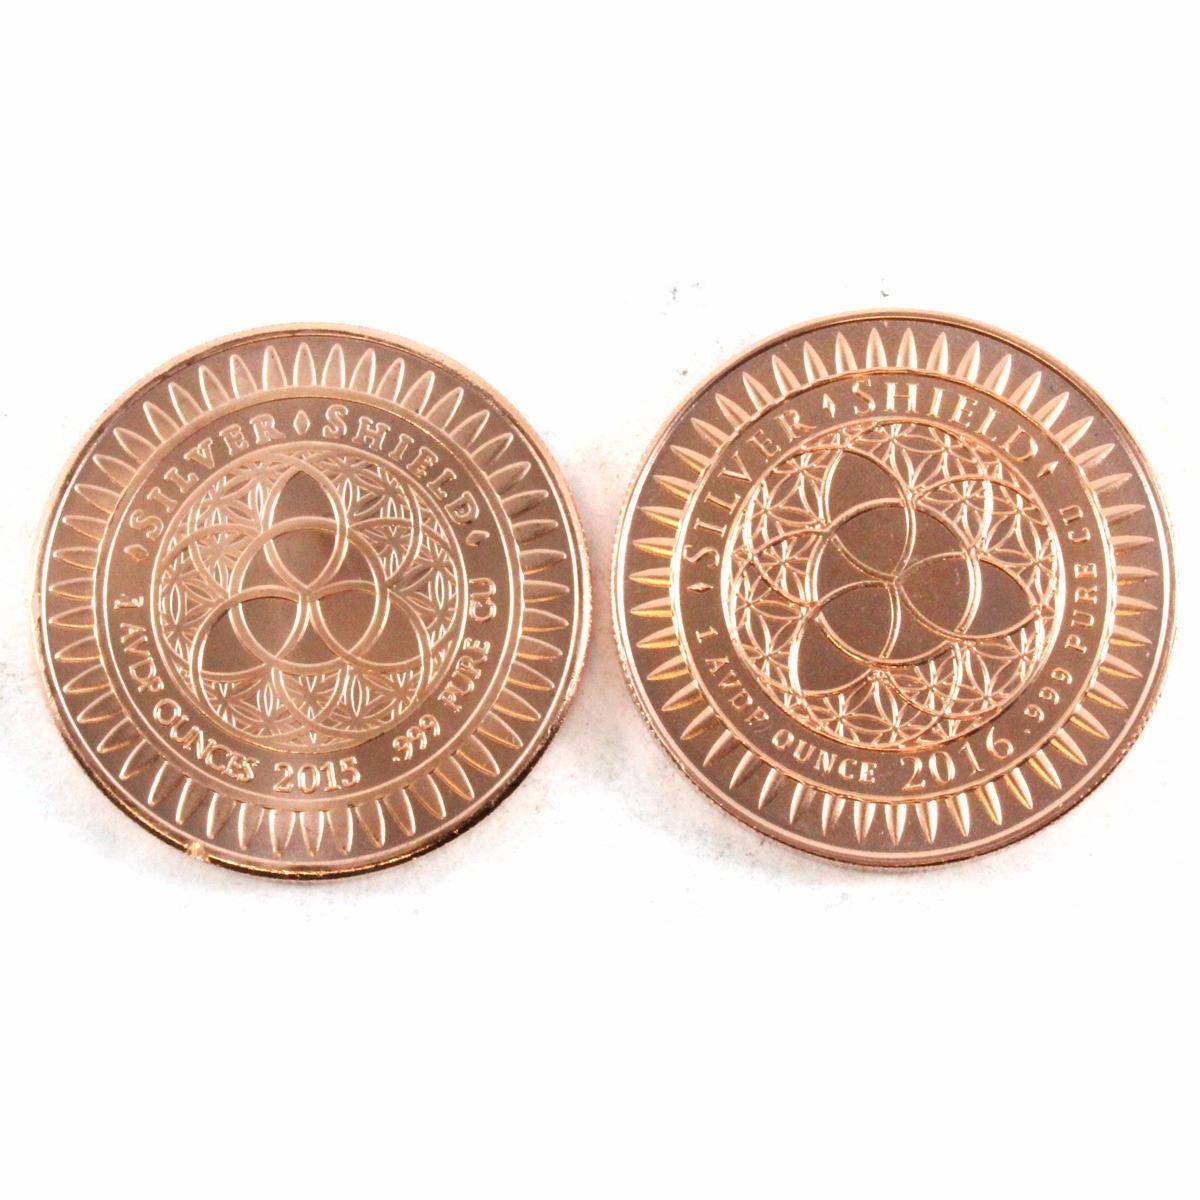 Limited 2016 Fine Come And Take Them 1oz Copper Round